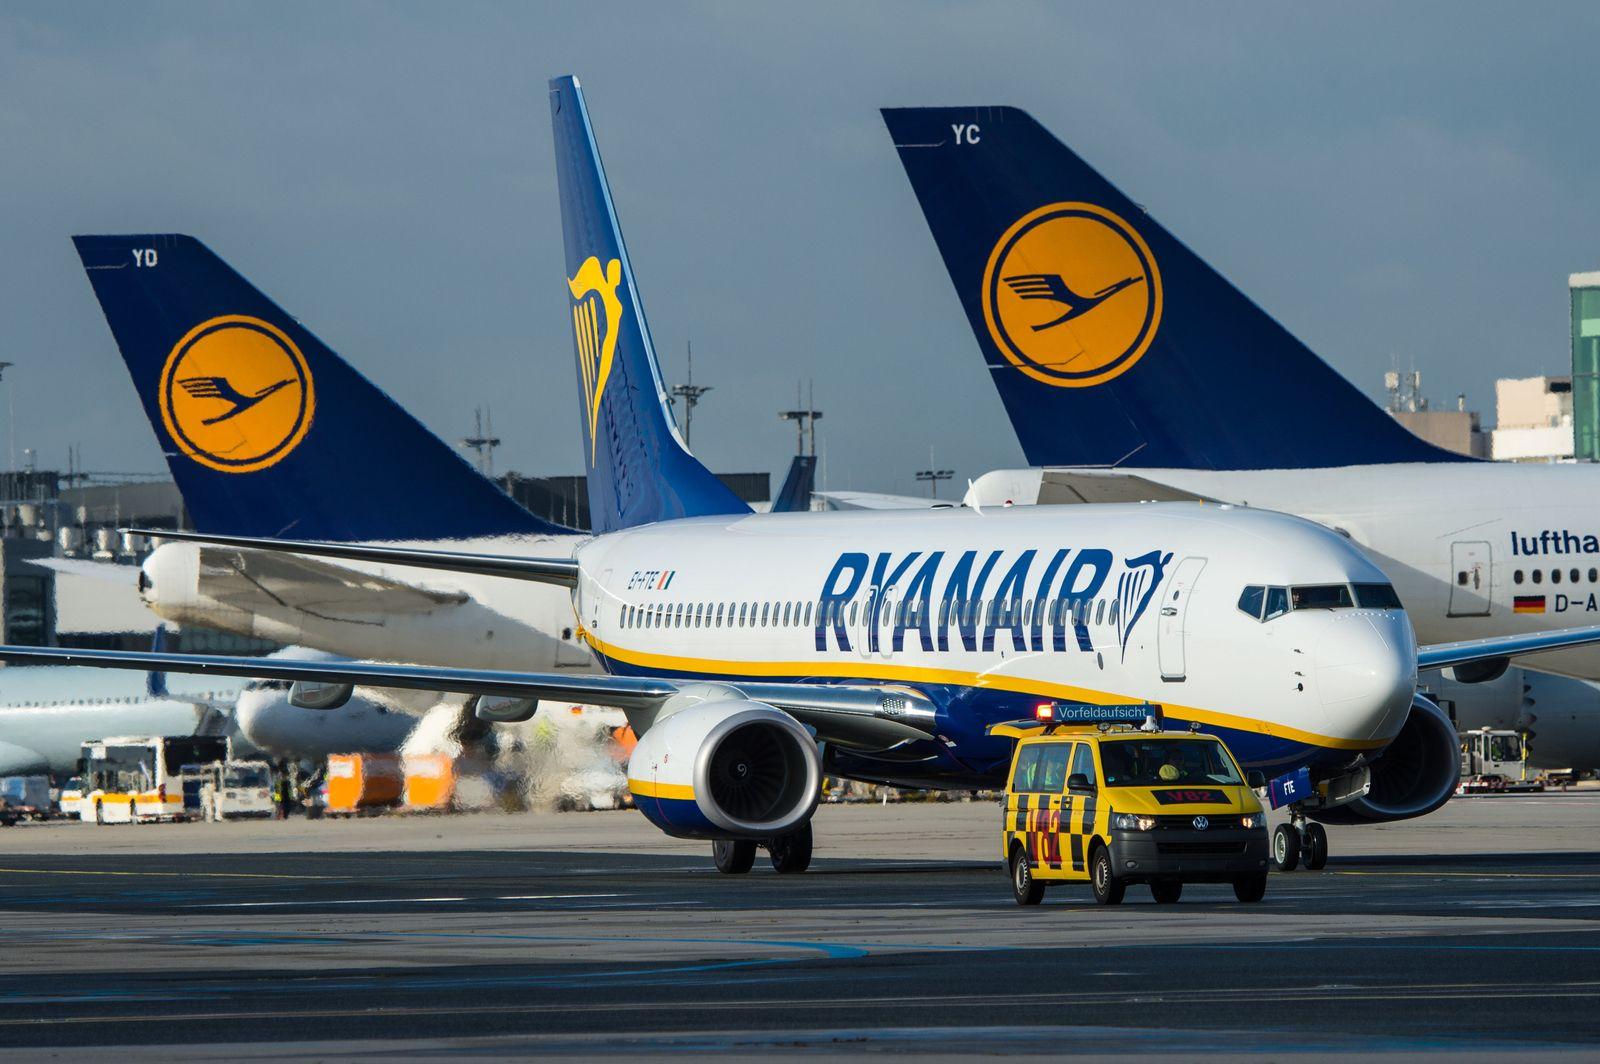 Ryanair droht Überprüfung scheinselbstständiger Piloten   DER SPIEGEL